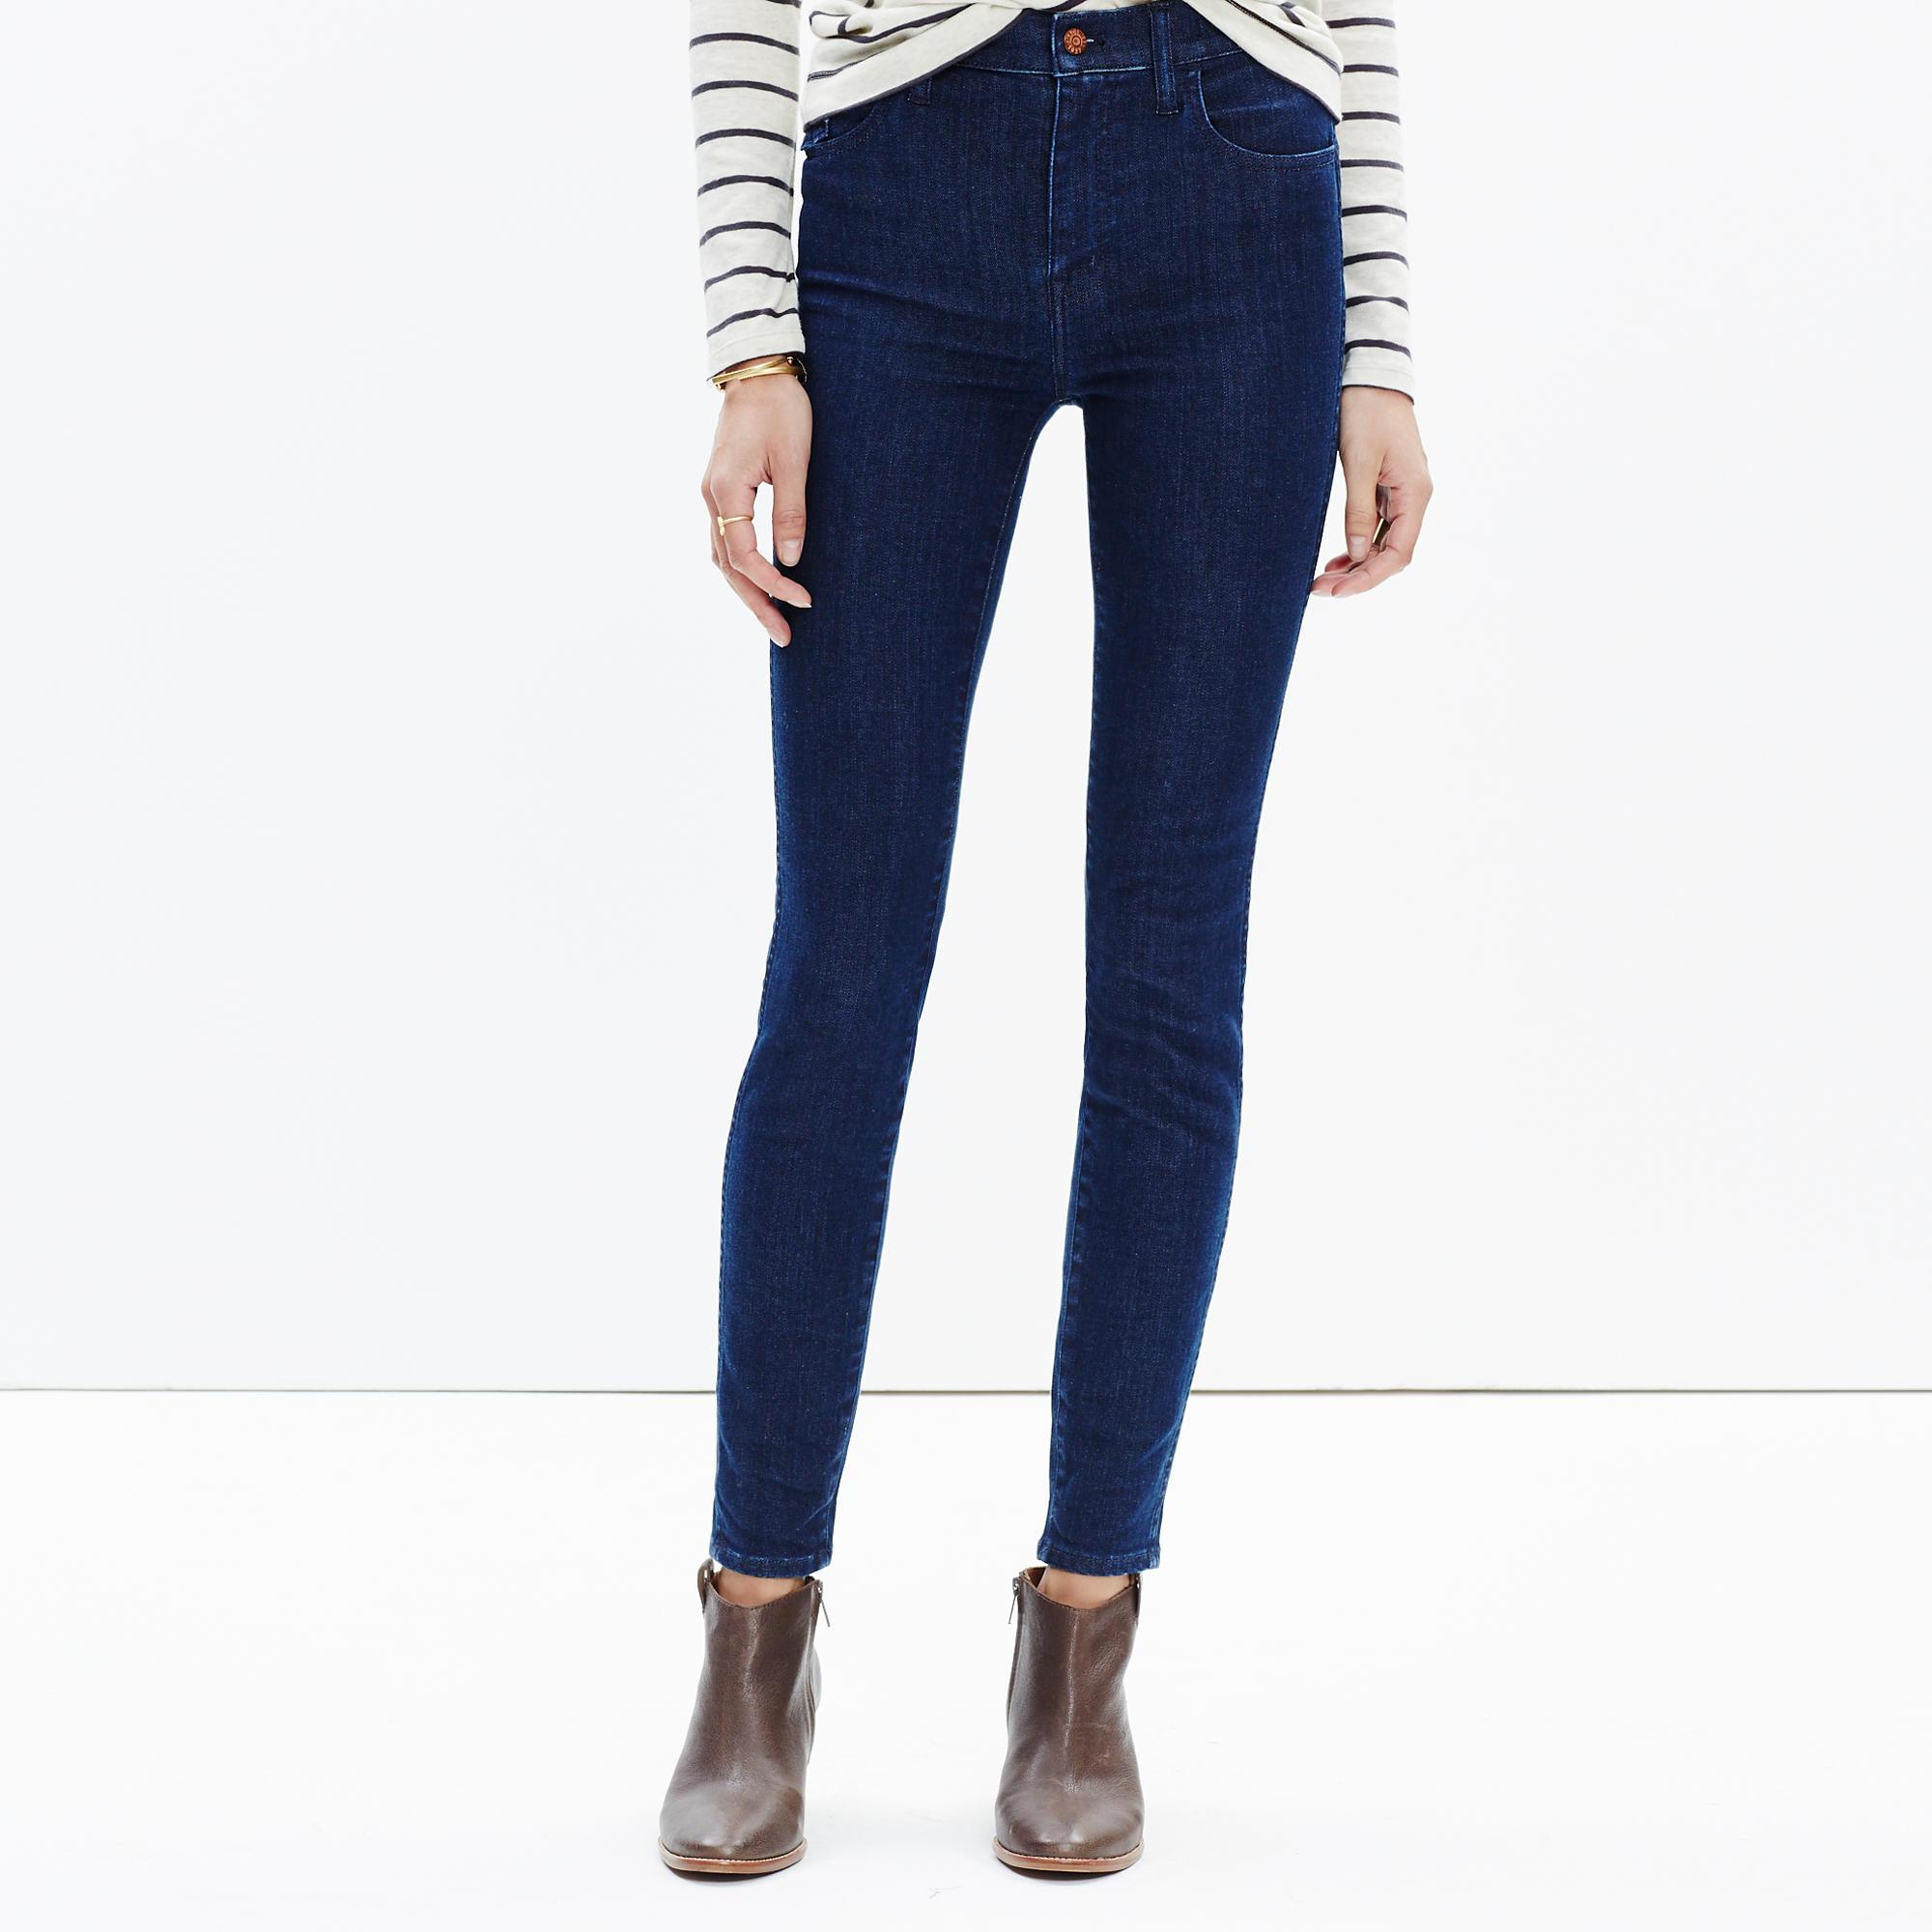 Best Place For Skinny Jeans - Jon Jean